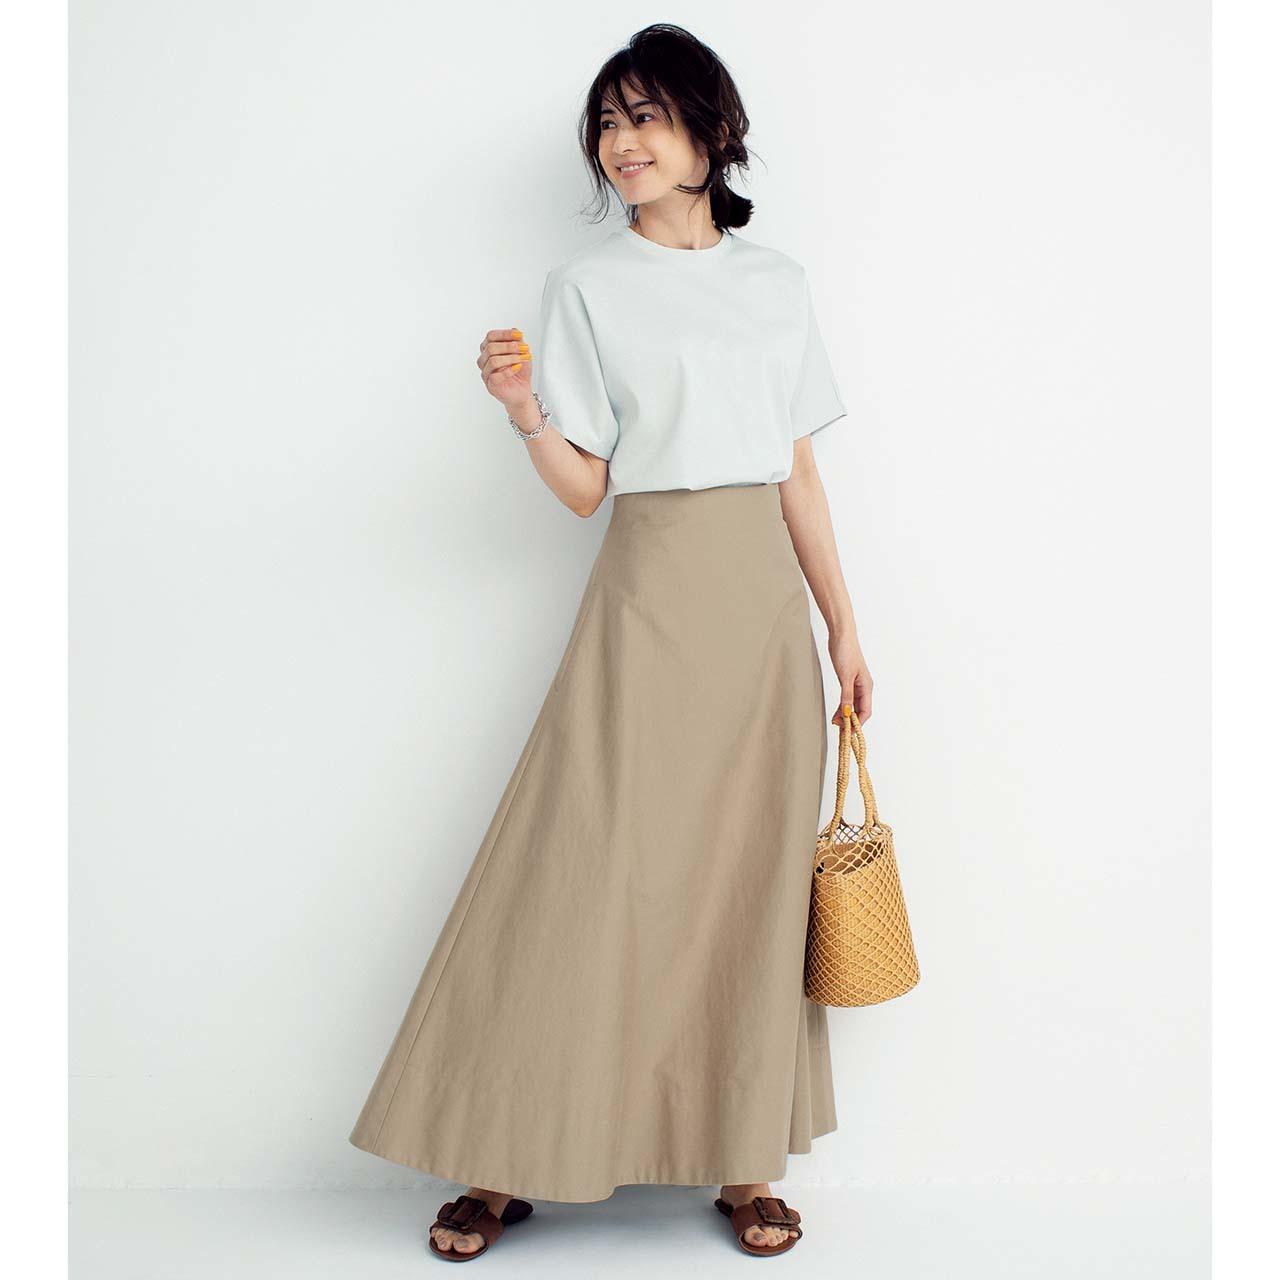 Tシャツ×フレアスカートコーデを着たモデルの高垣麗子さん